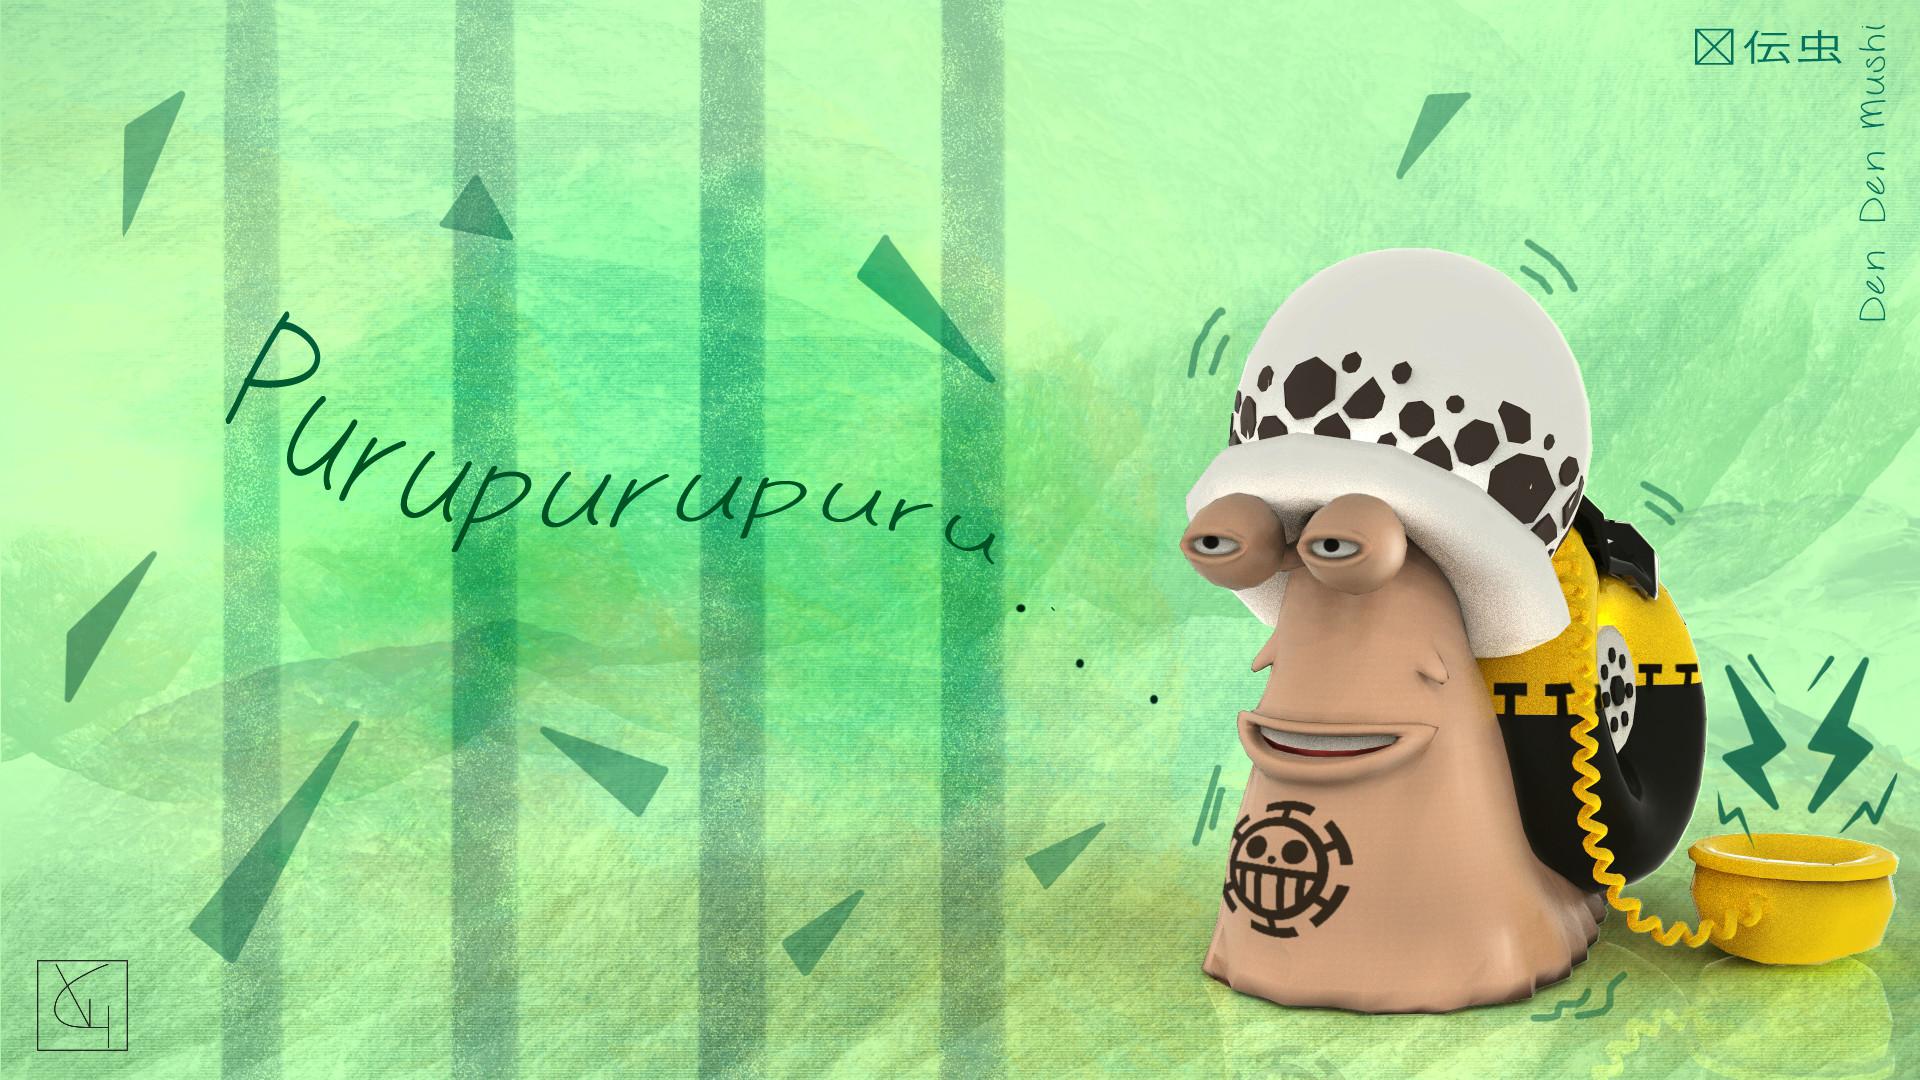 Veronica granadero den den mushi law comp